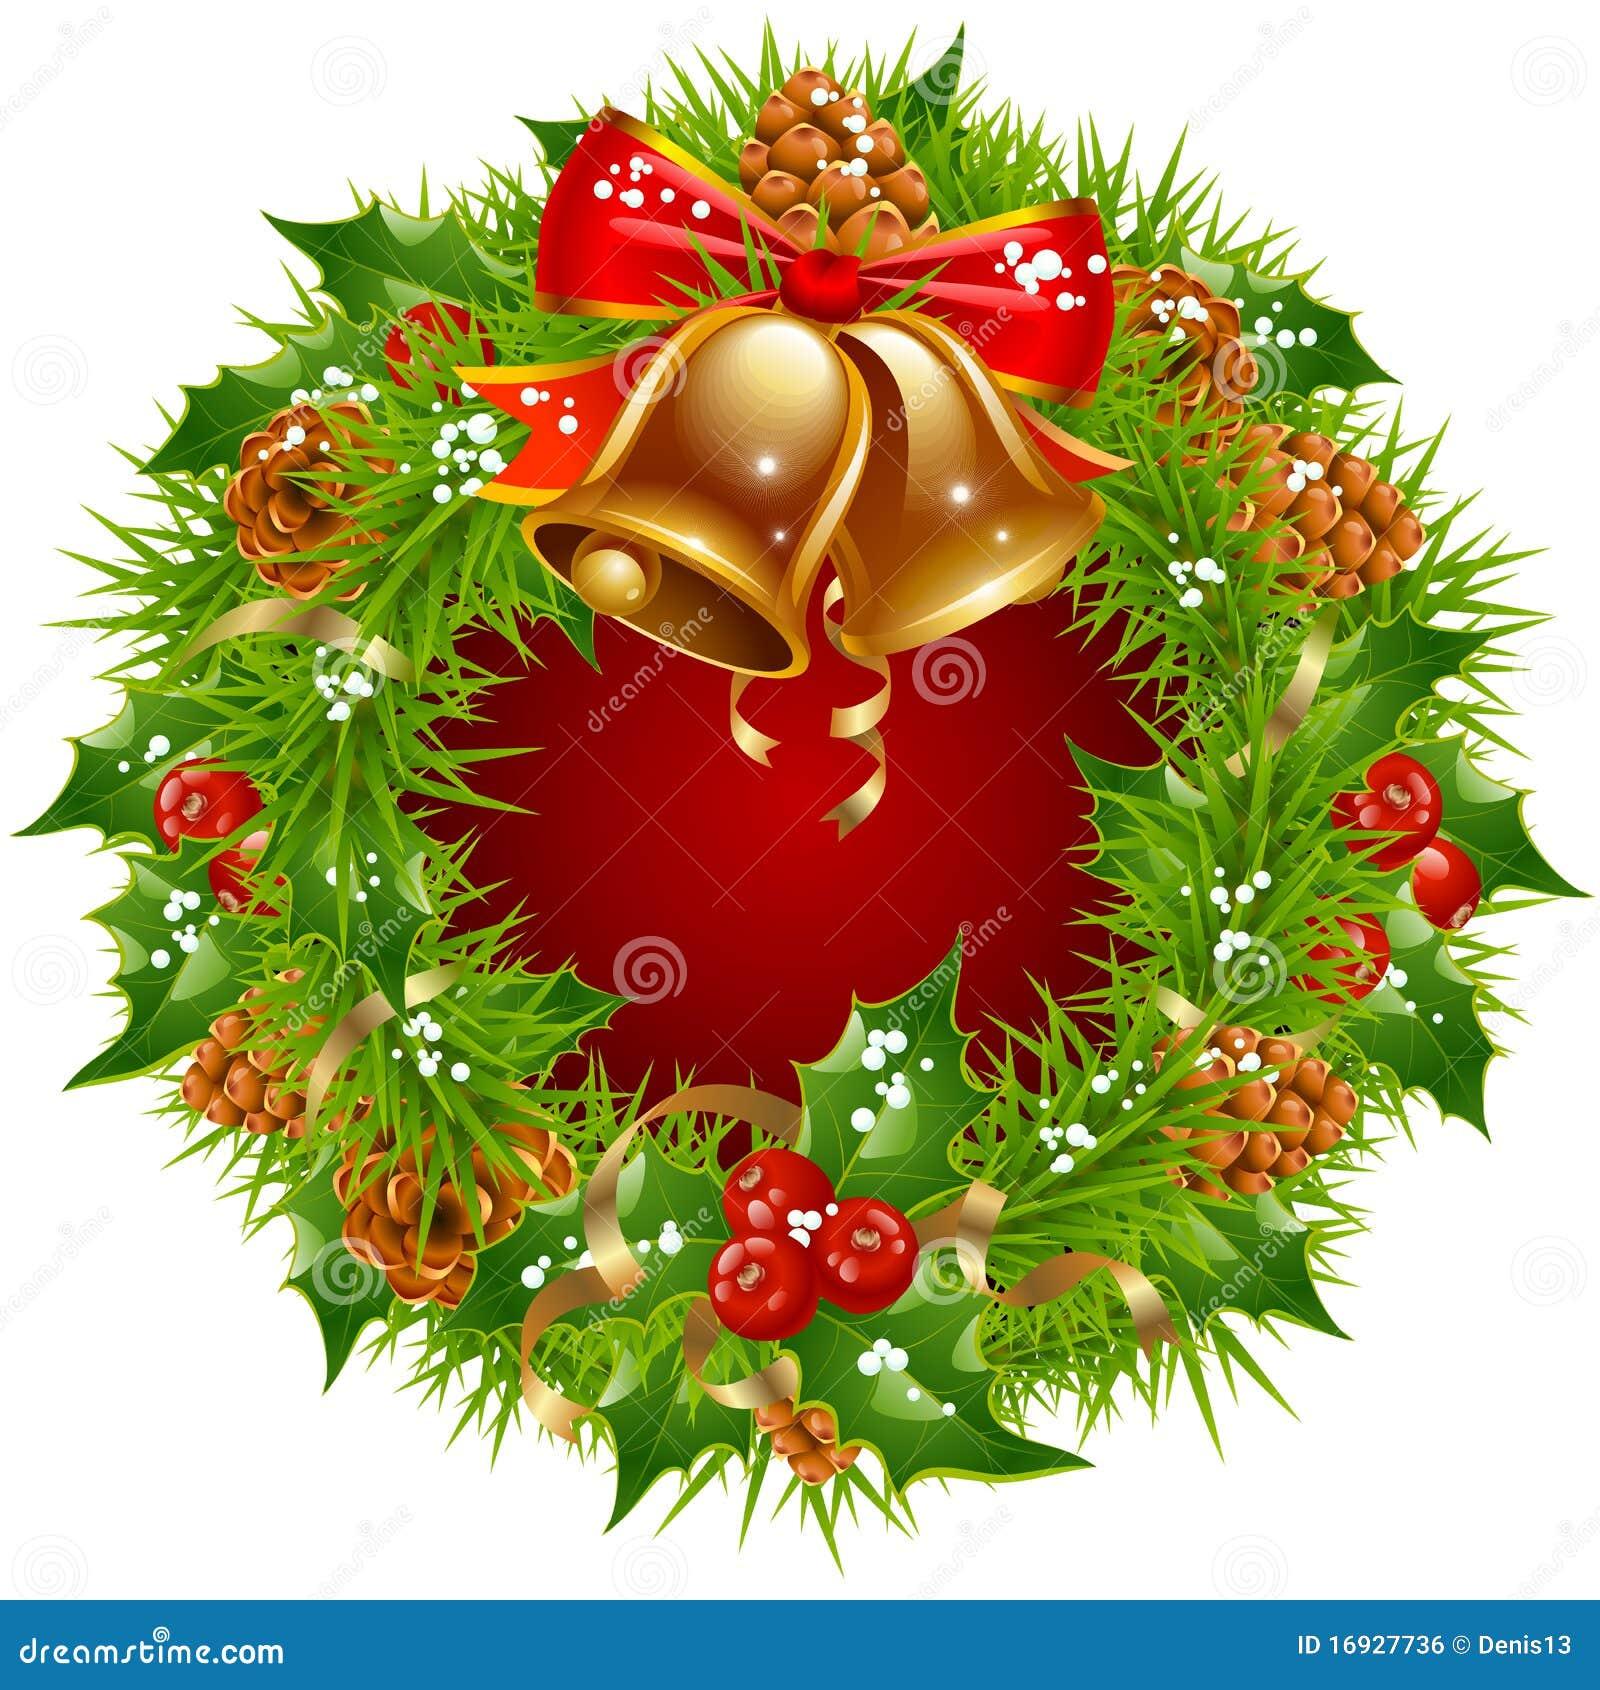 Marco de la guirnalda de la navidad ilustraci n del vector - Guirnalda de navidad ...